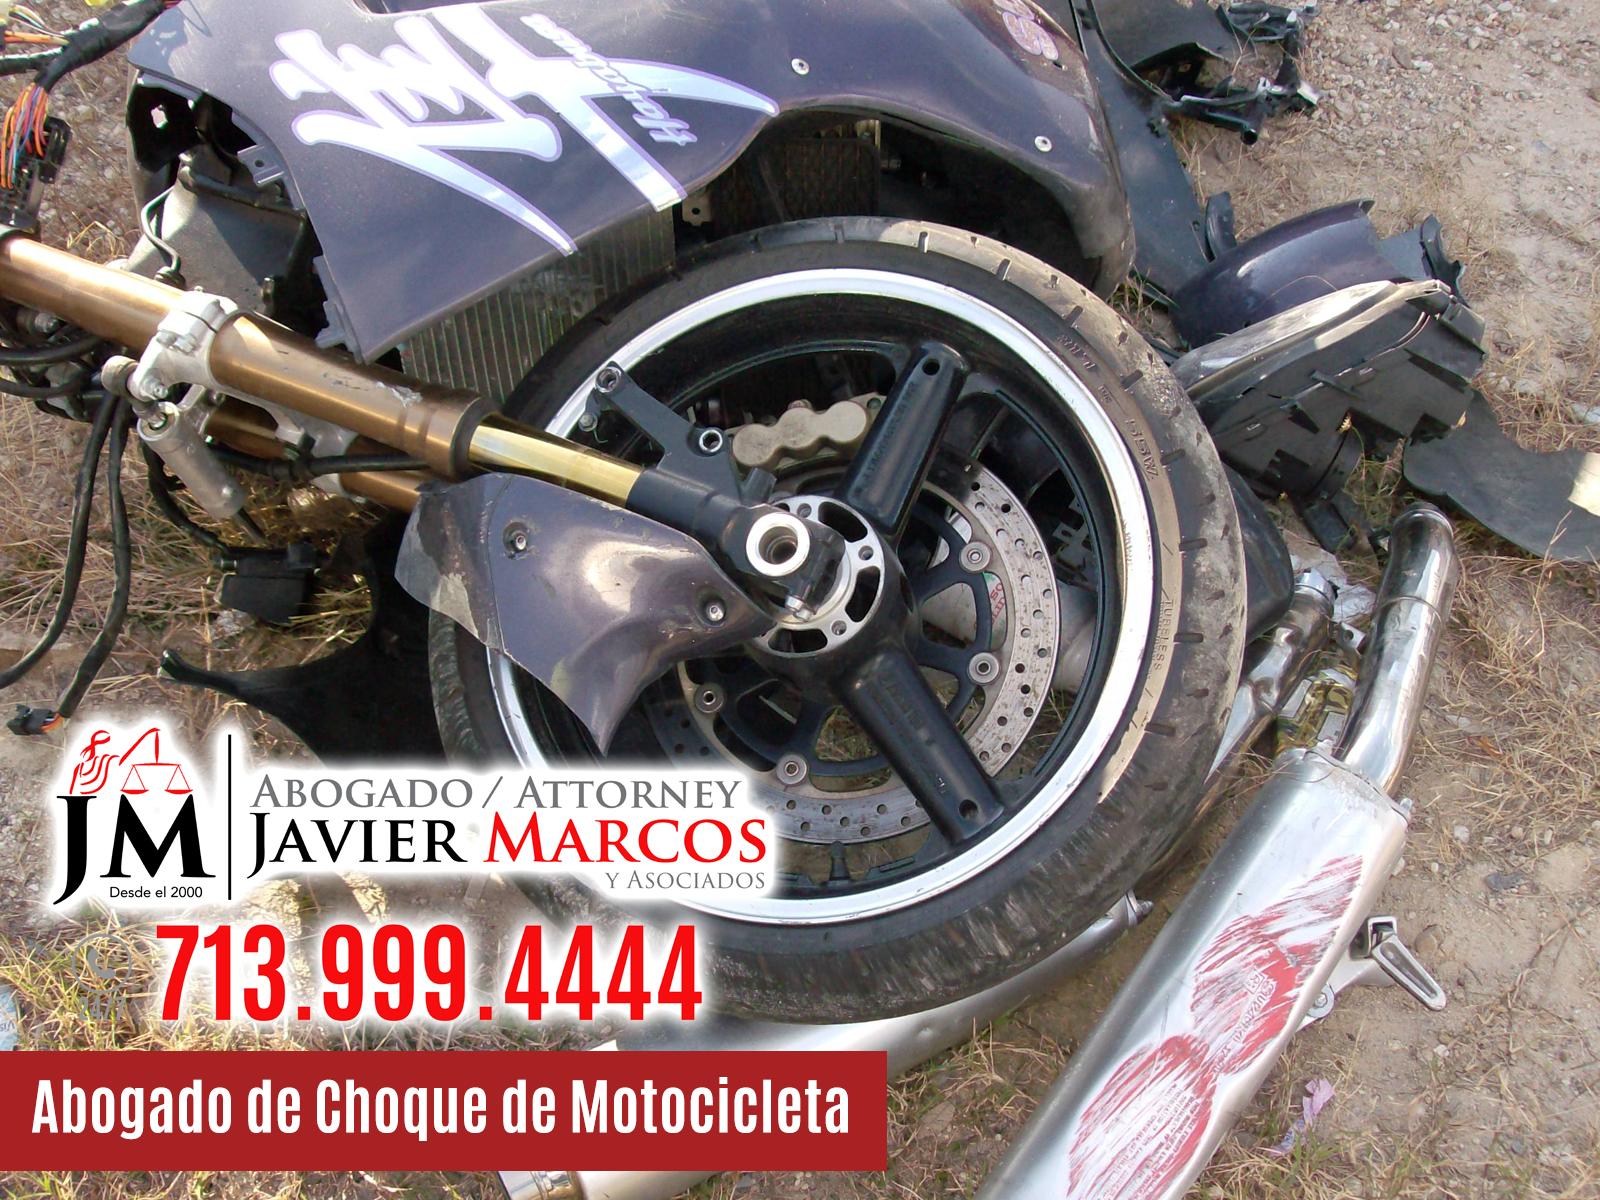 Abogado de Accidente de Motocicleta   Abogado Javier Marcos   713.999.4444